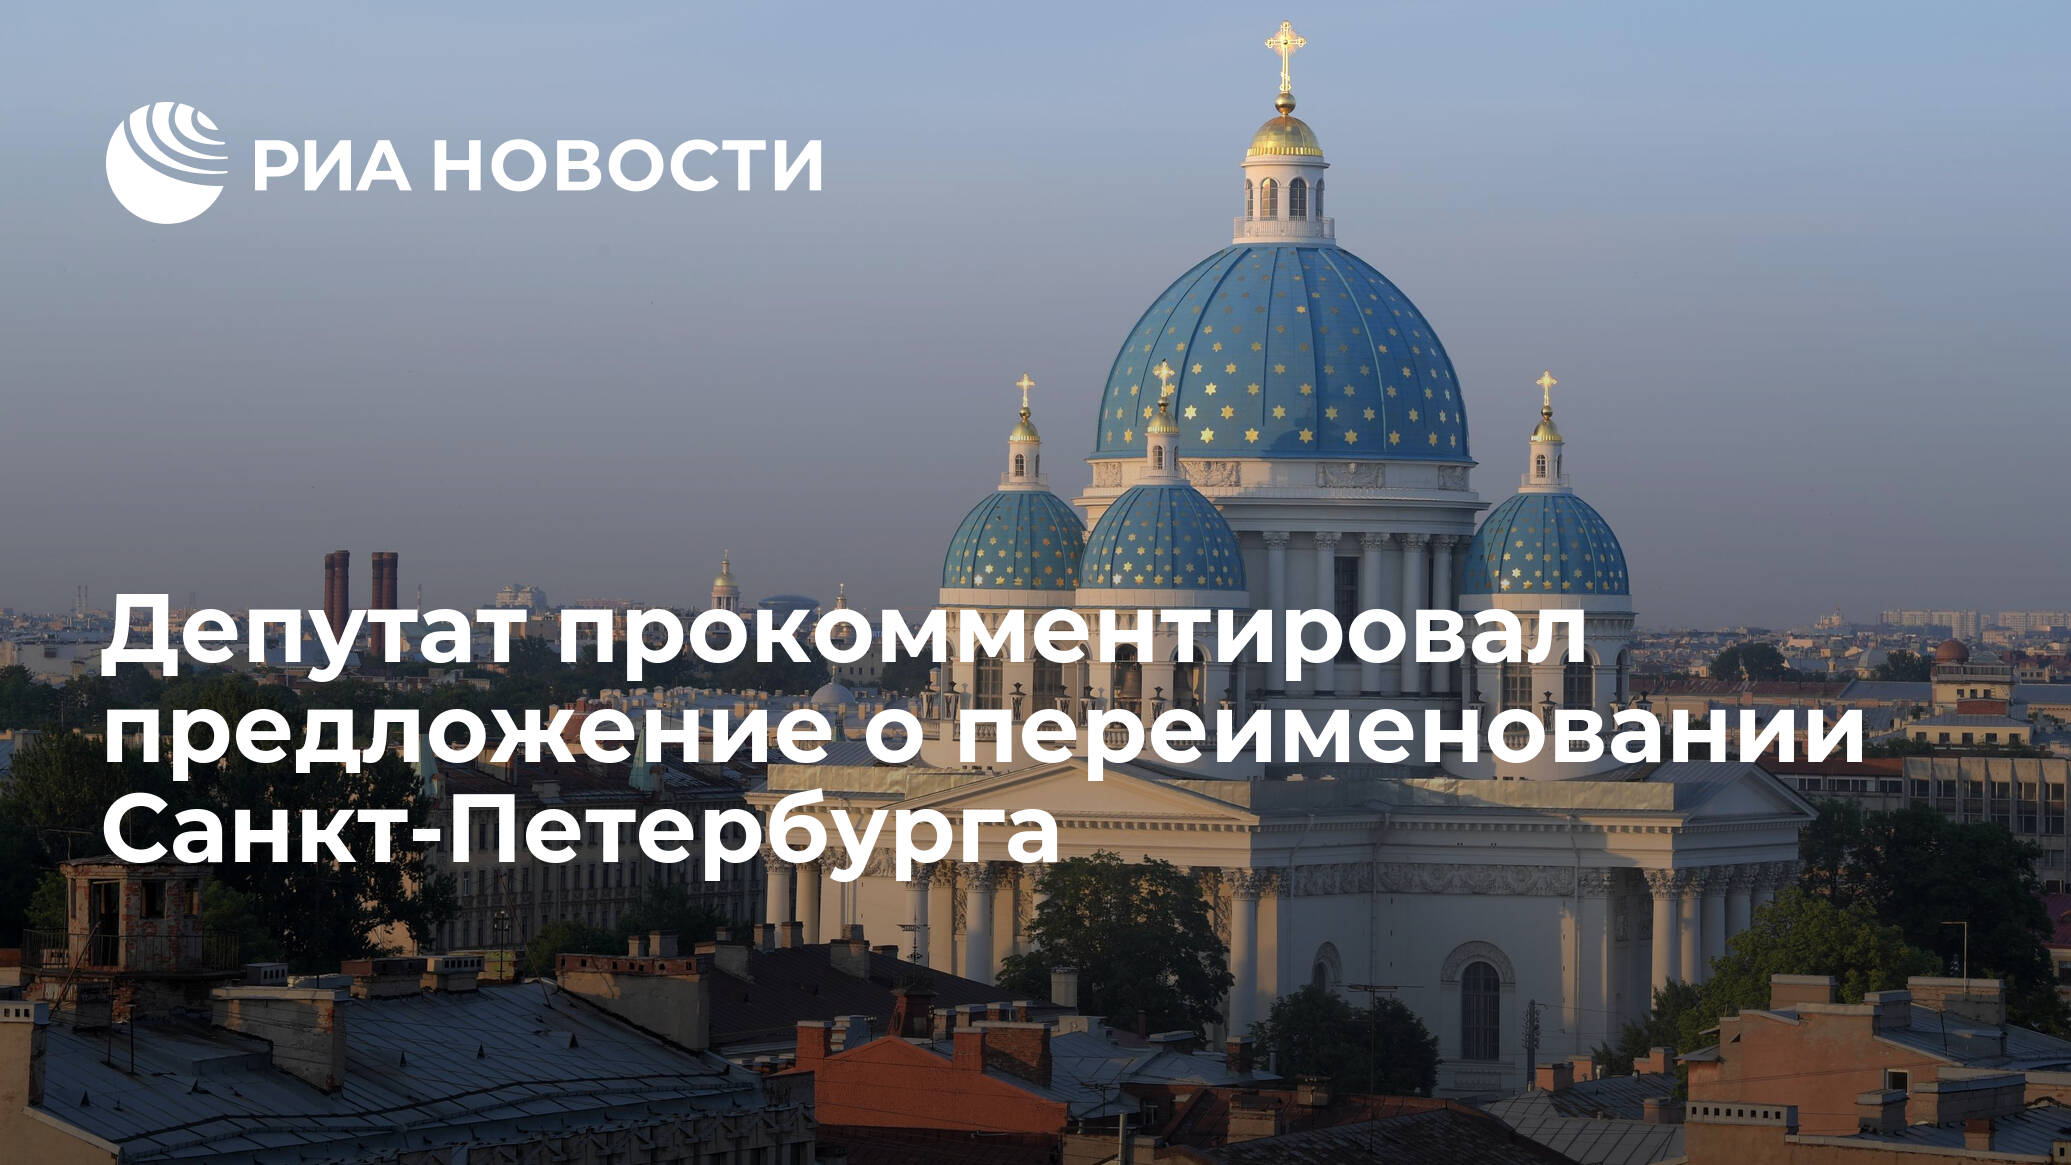 Депутат прокомментировал предложение о переименовании Санкт-Петербурга